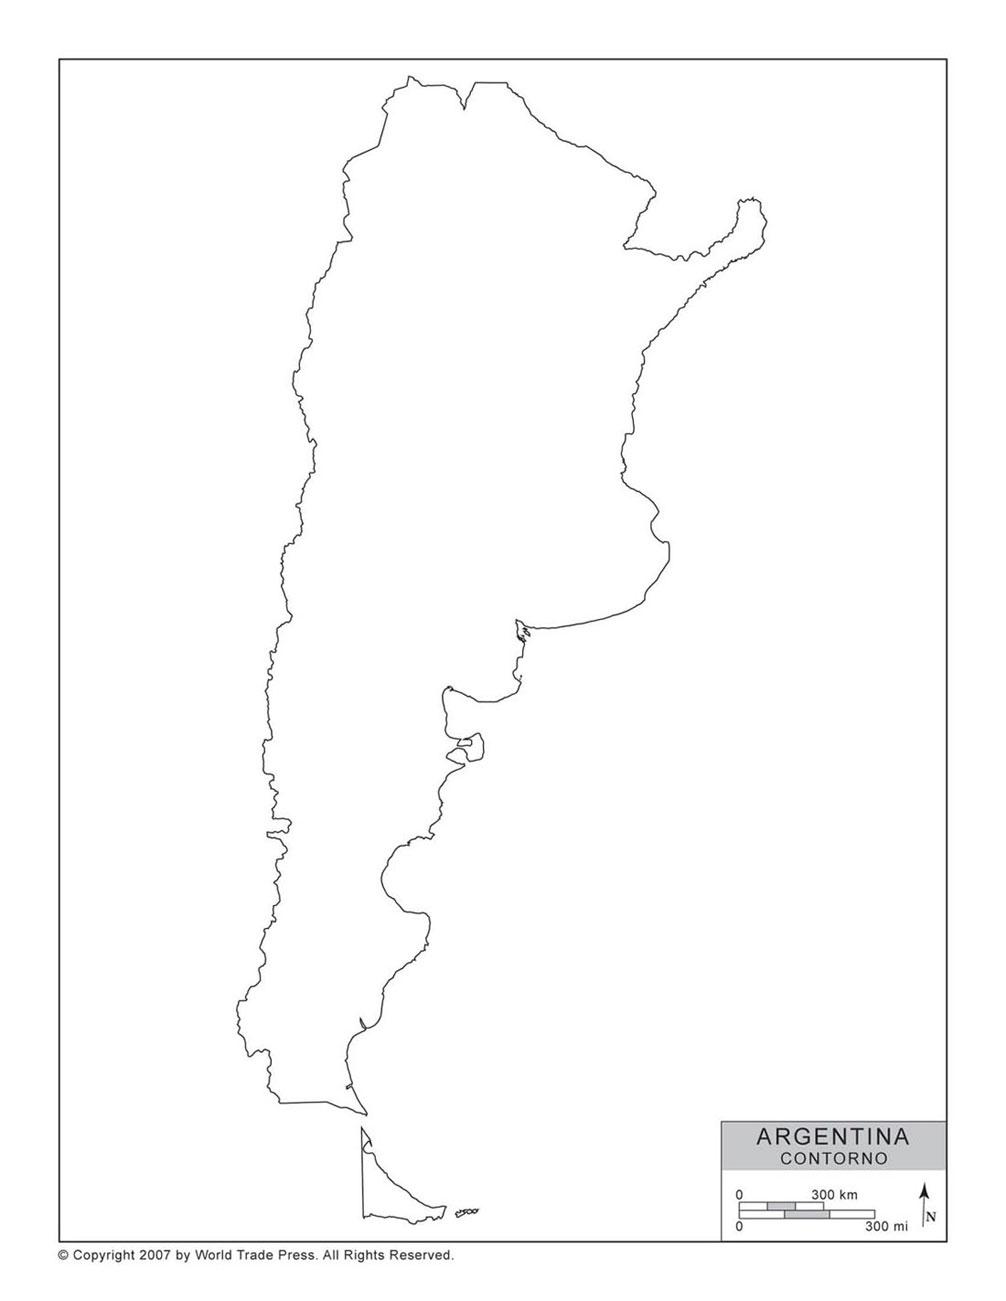 Mapa da Argentina com Contorno